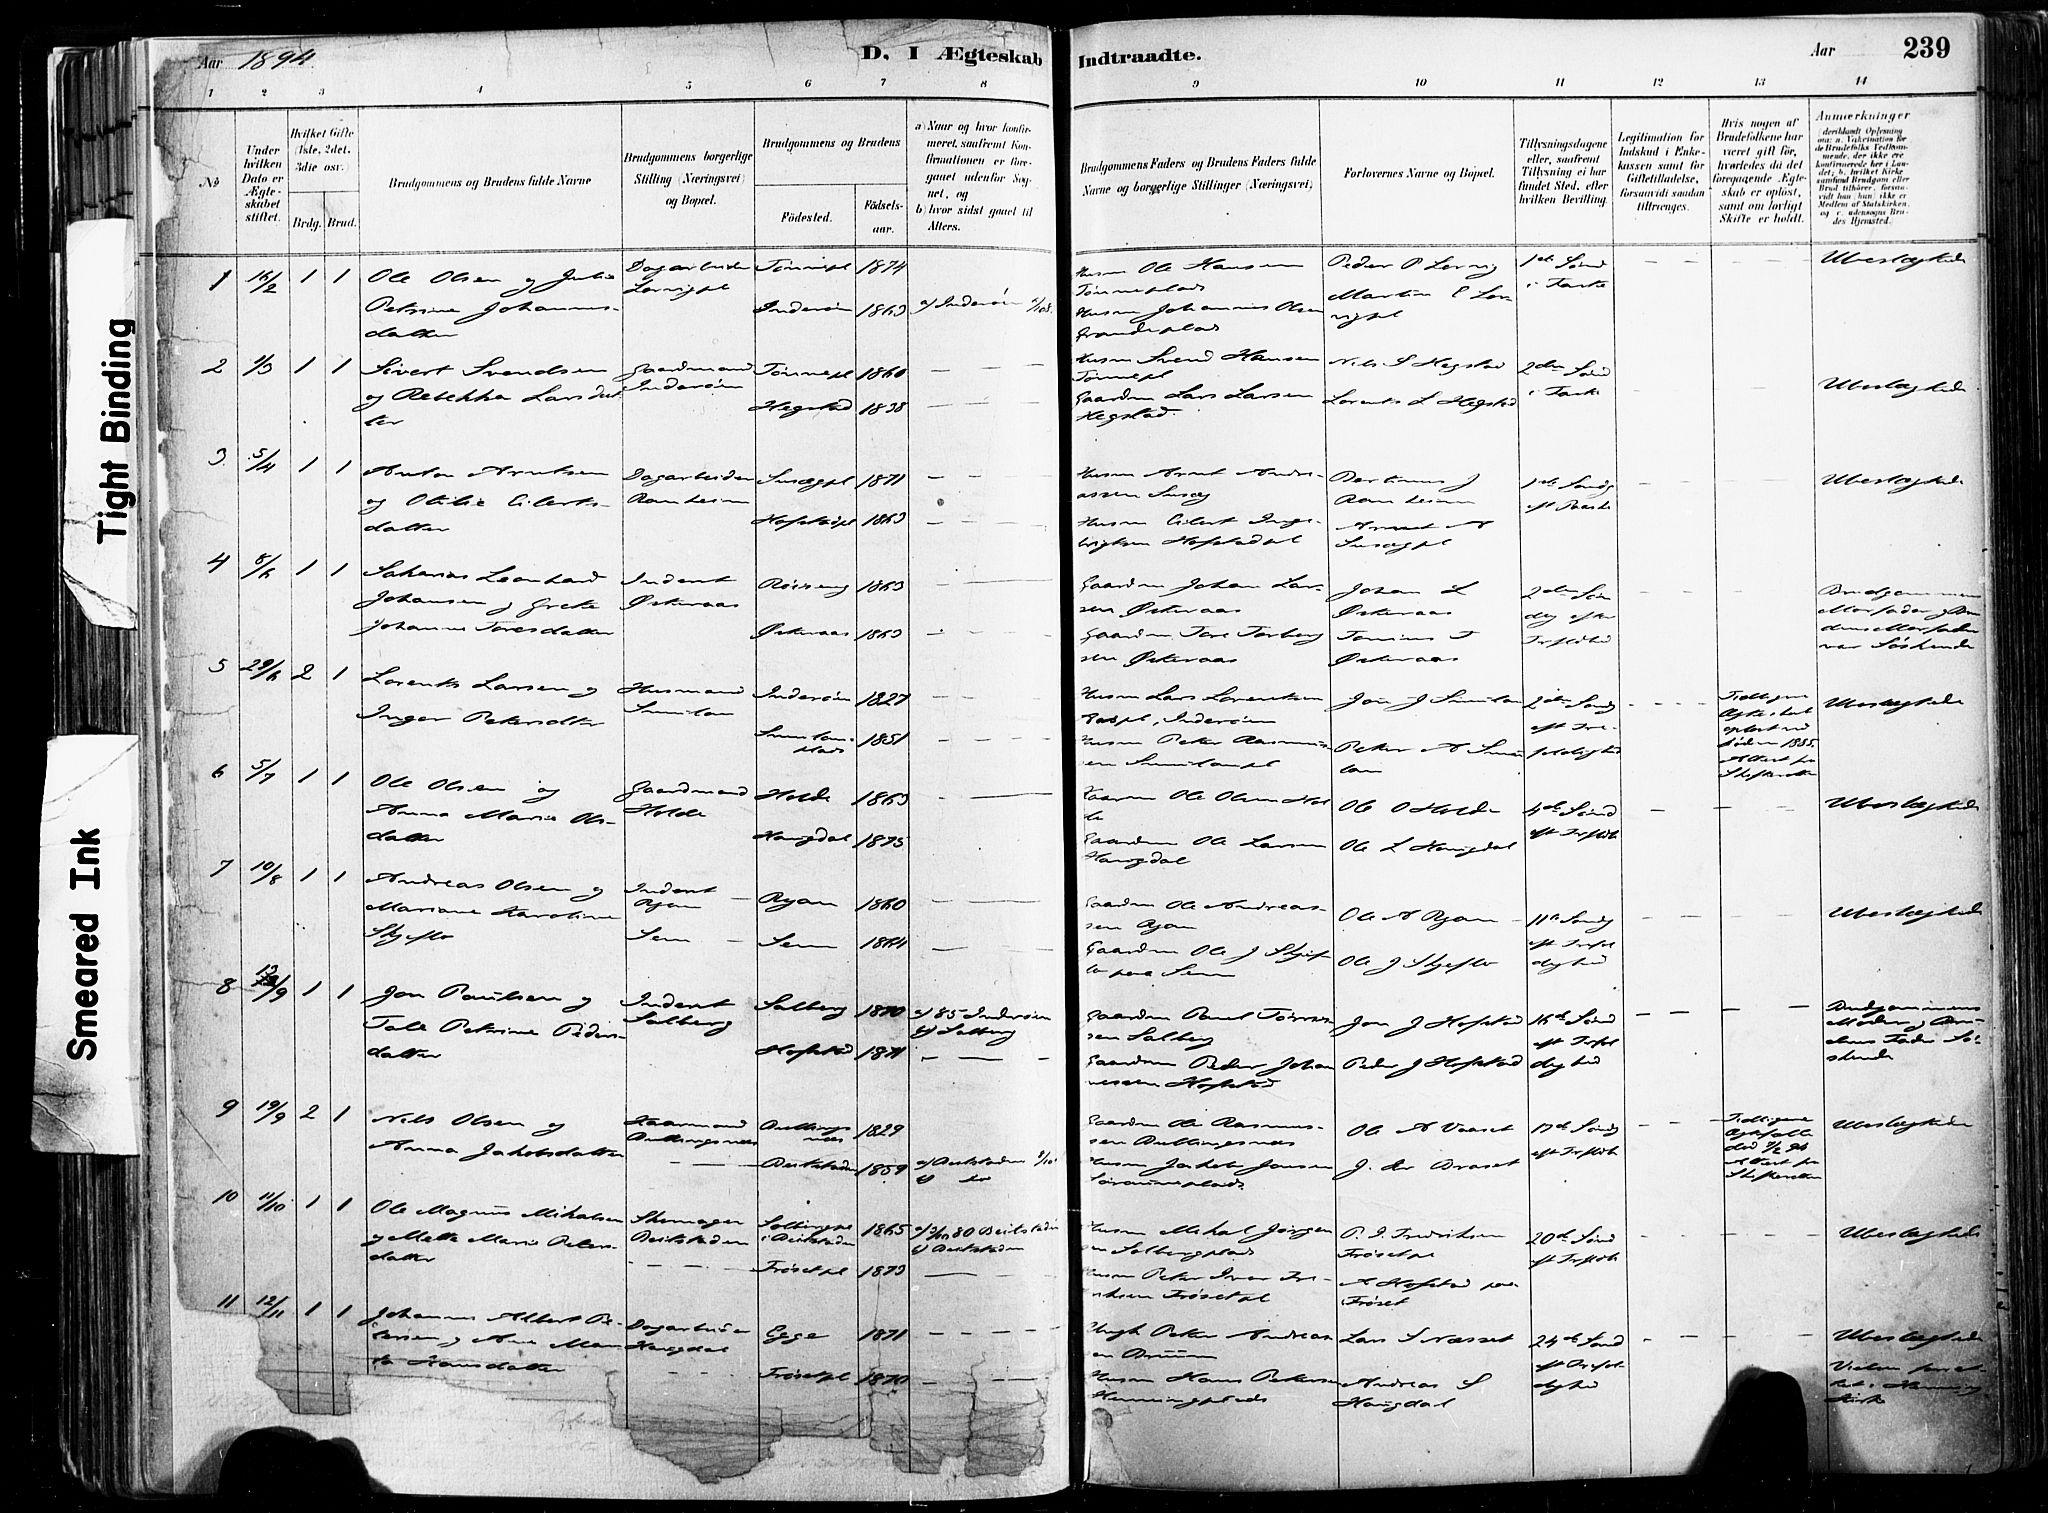 SAT, Ministerialprotokoller, klokkerbøker og fødselsregistre - Nord-Trøndelag, 735/L0351: Ministerialbok nr. 735A10, 1884-1908, s. 239